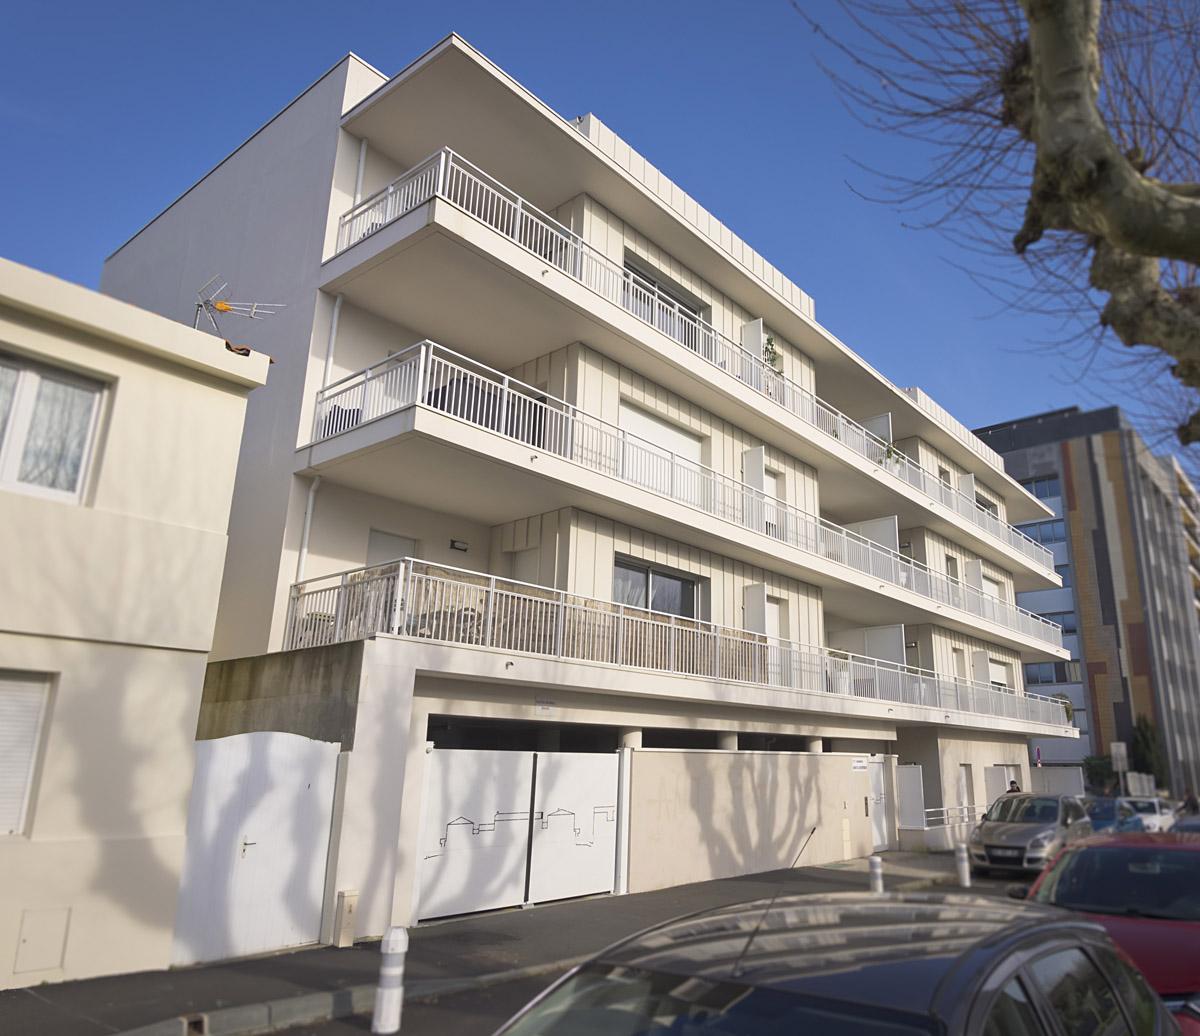 Construction de 20 nouveaux logements à la Roche sur Yon - DGA Architectes